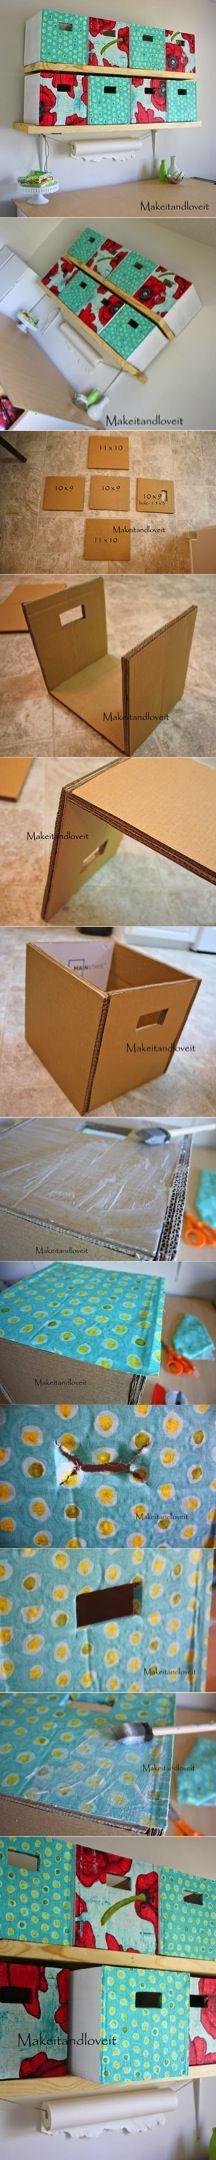 Quarto Craft, Parte 1 (caixas de armazenamento de papelão coberta)